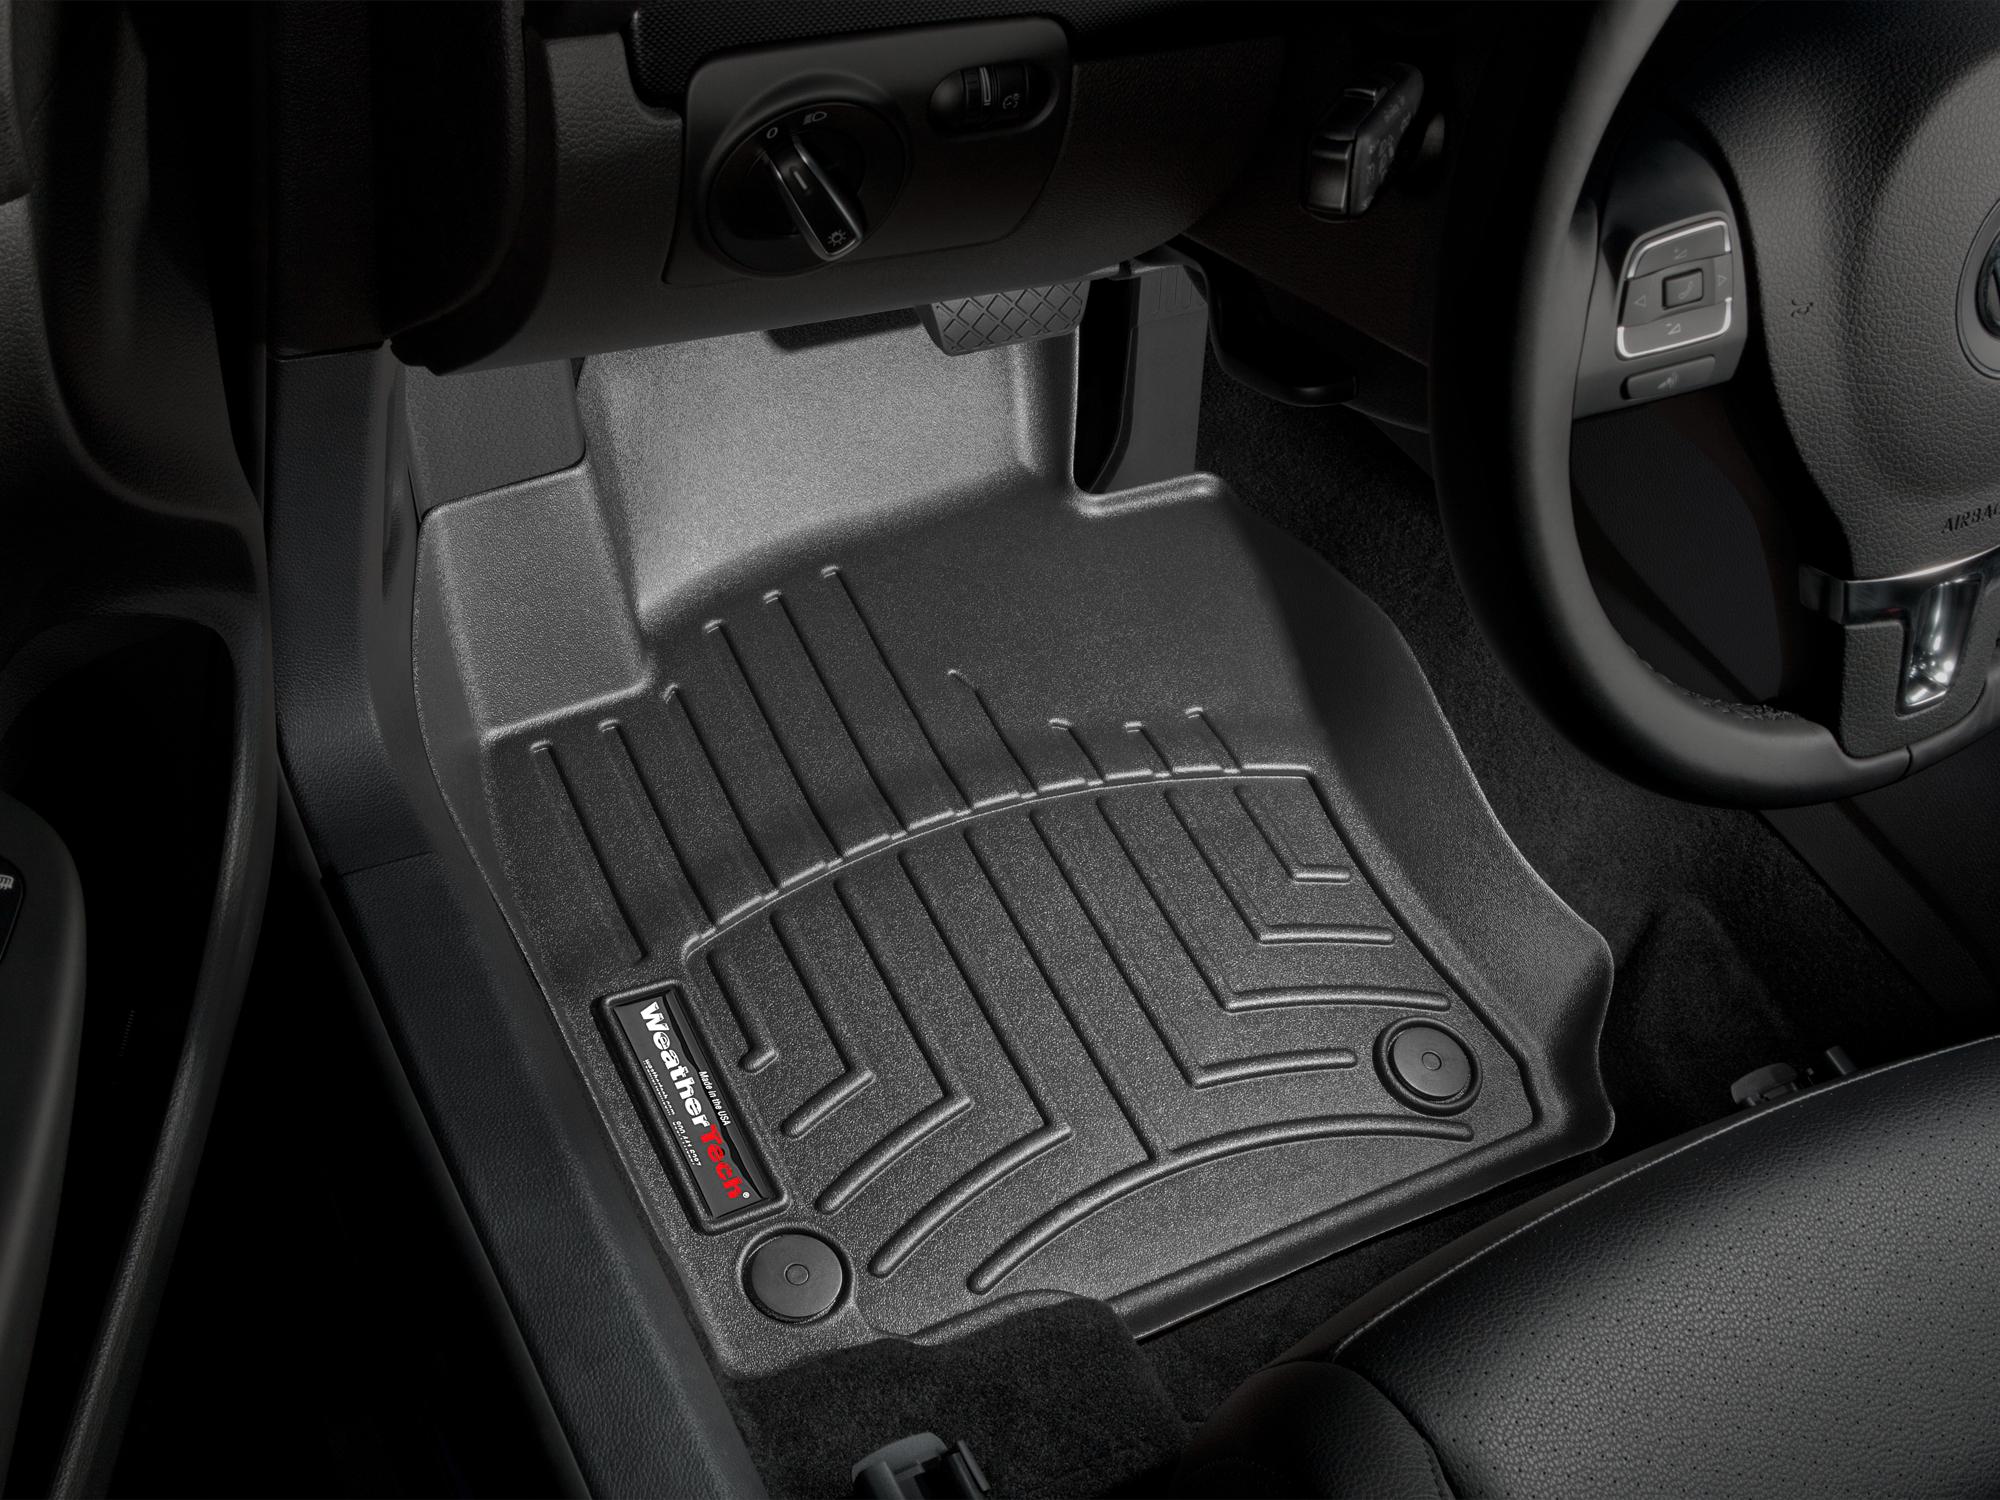 Tappeti gomma su misura bordo alto Volkswagen Scirocco 08>15 Nero A4259*